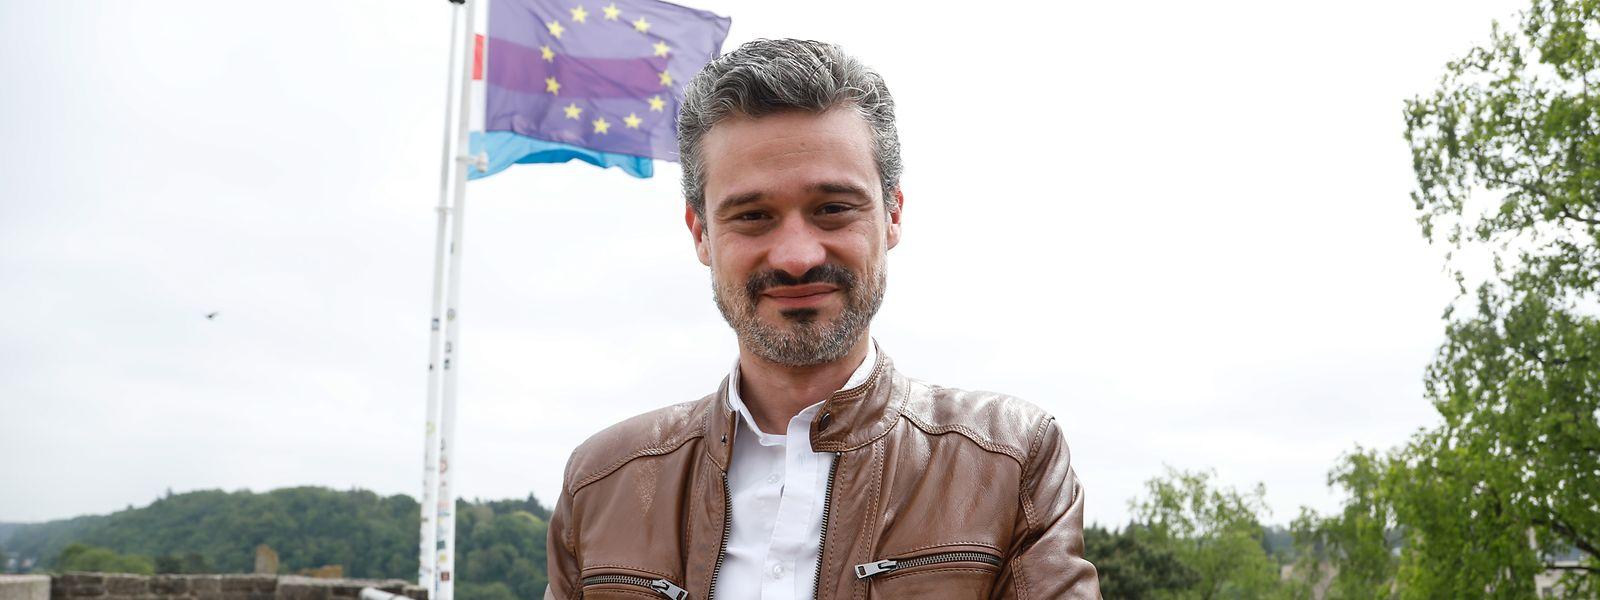 """David Wagner geht davon aus, dass seiner Partei ein Achtungserfolg bei den Europawahlen gelingen kann: """"Ein Einzug ins Parlament ist realistisch"""", sagt er."""